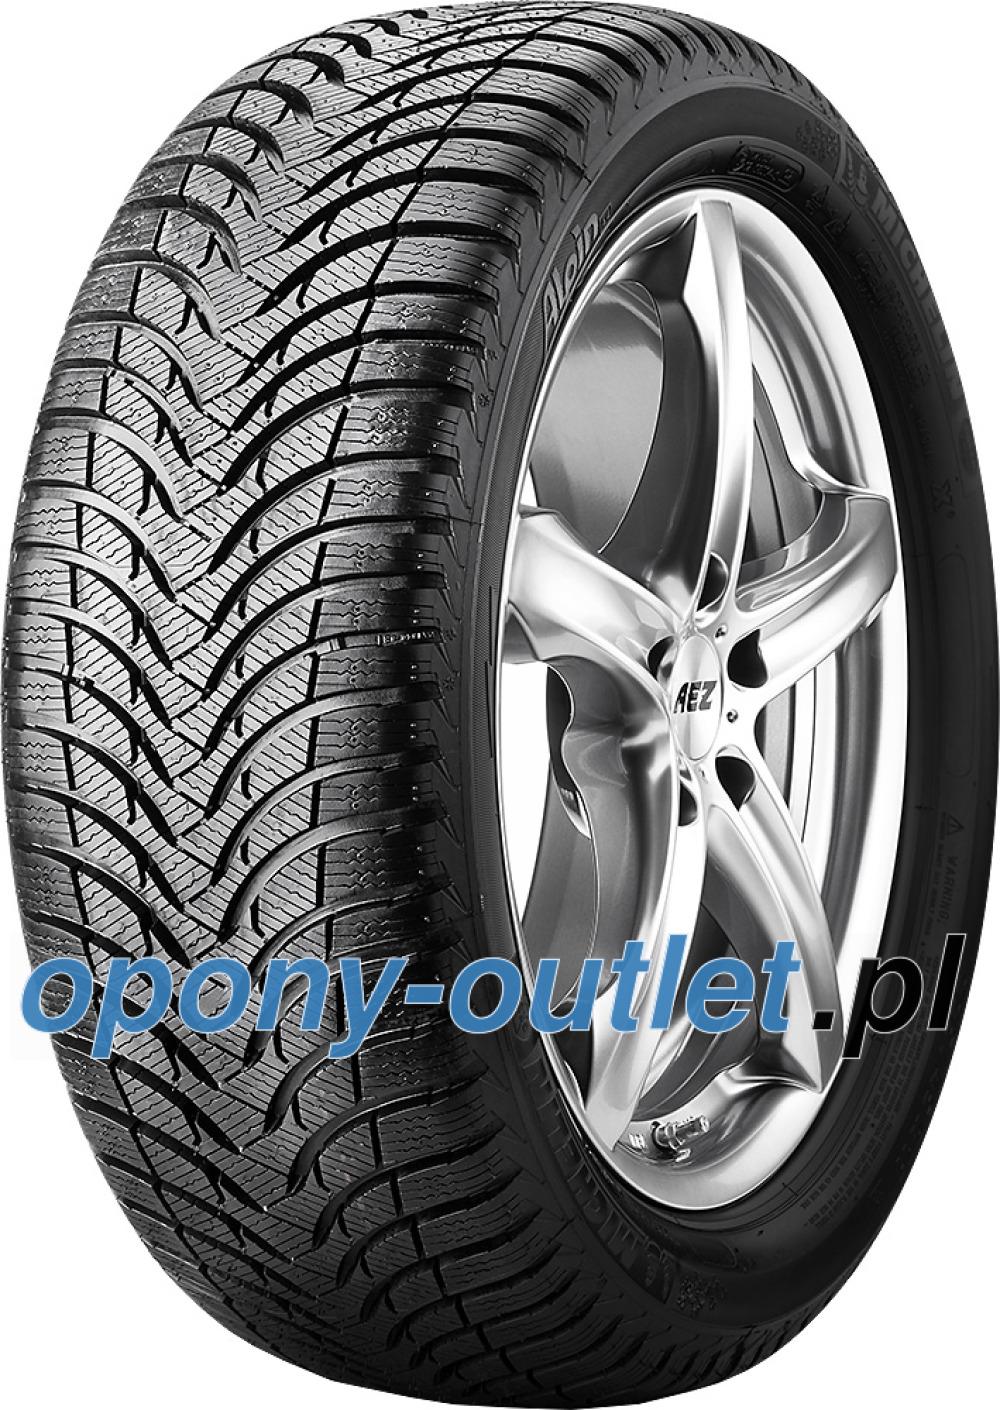 Michelin Alpin A4 ( 195/50 R15 82T )